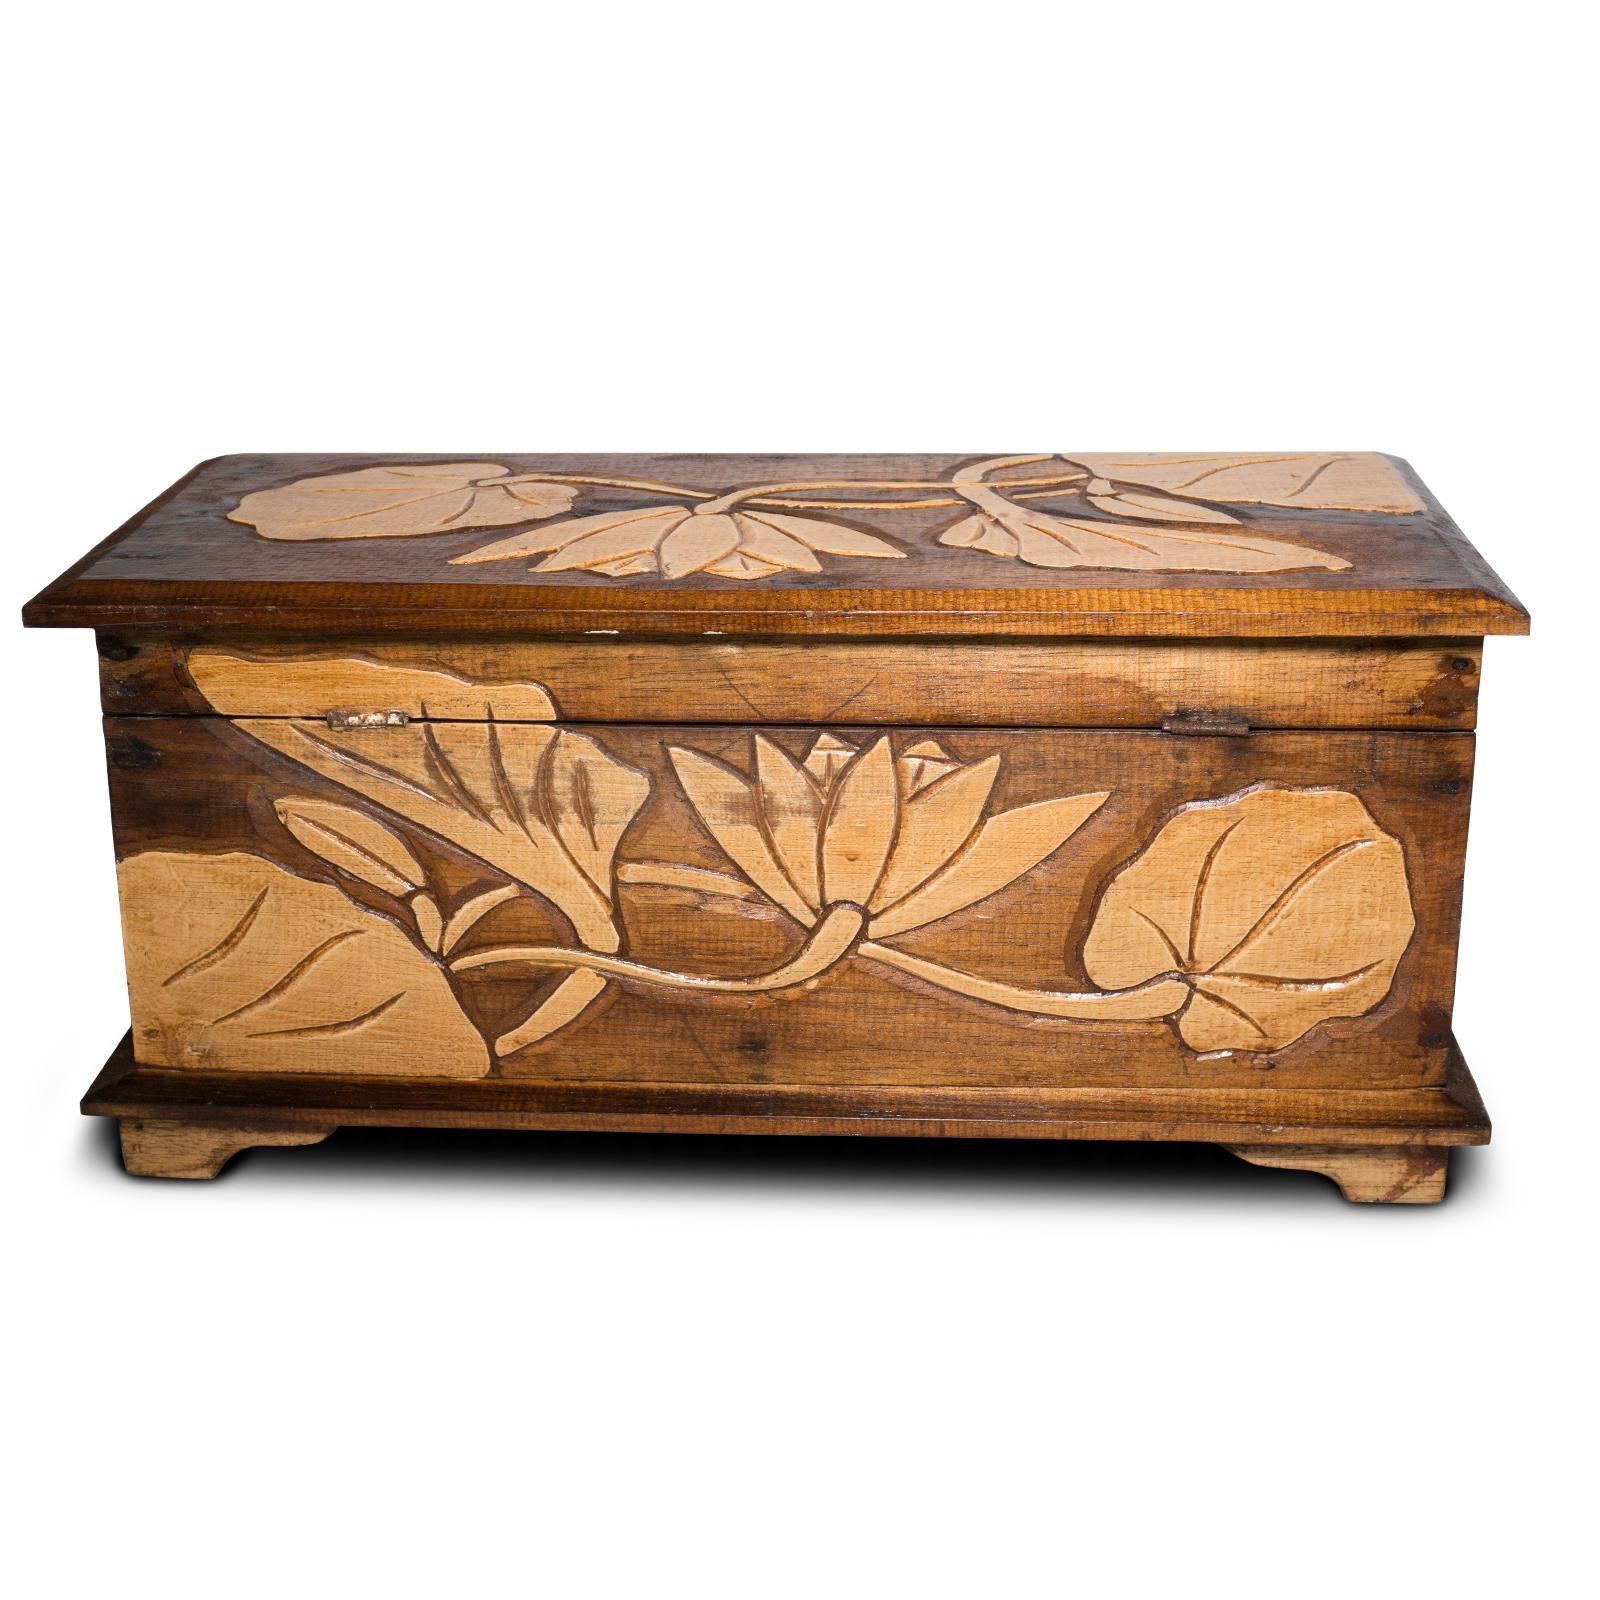 Holz Truhe Blume Verzierung 40 - 60cm, Schatztruhe, Schatzkiste, Box, Holzbox, Schnitzerei Braun – Bild 6